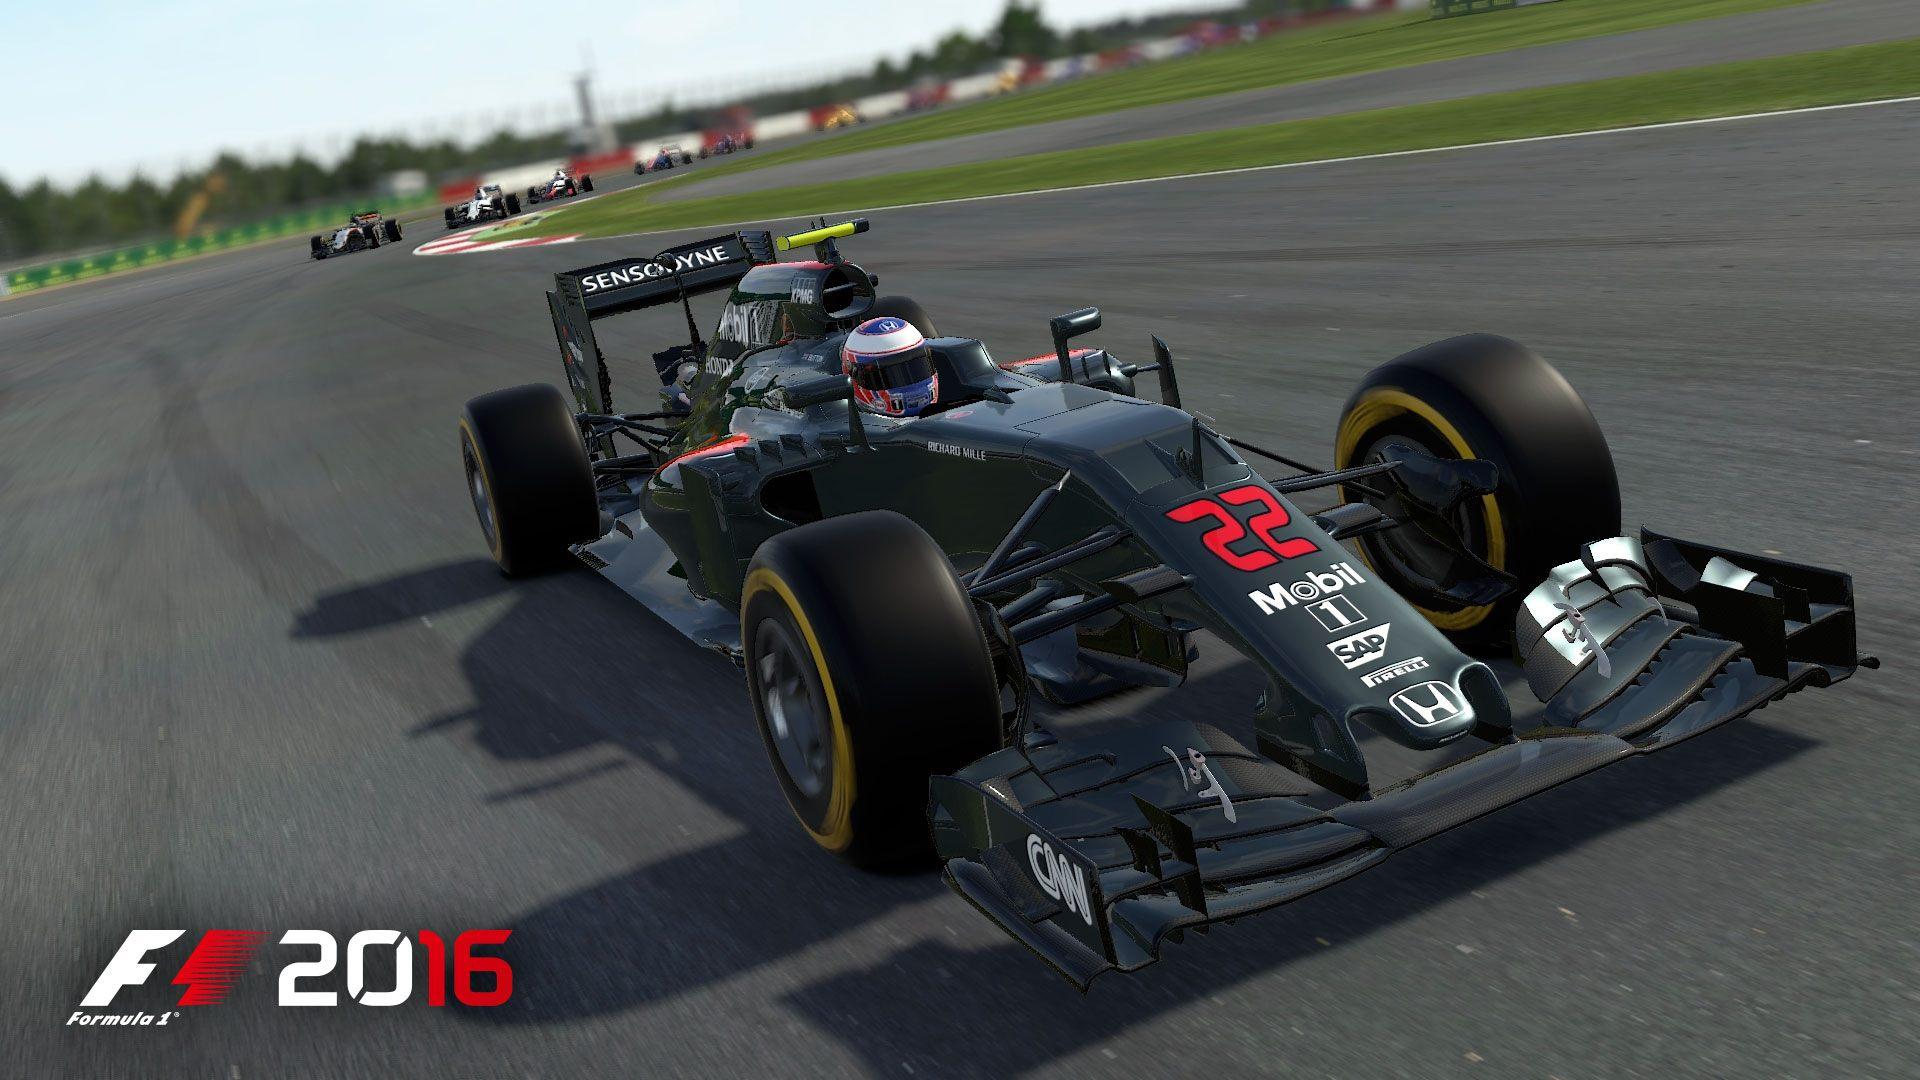 F1 2016 Screenshot 2